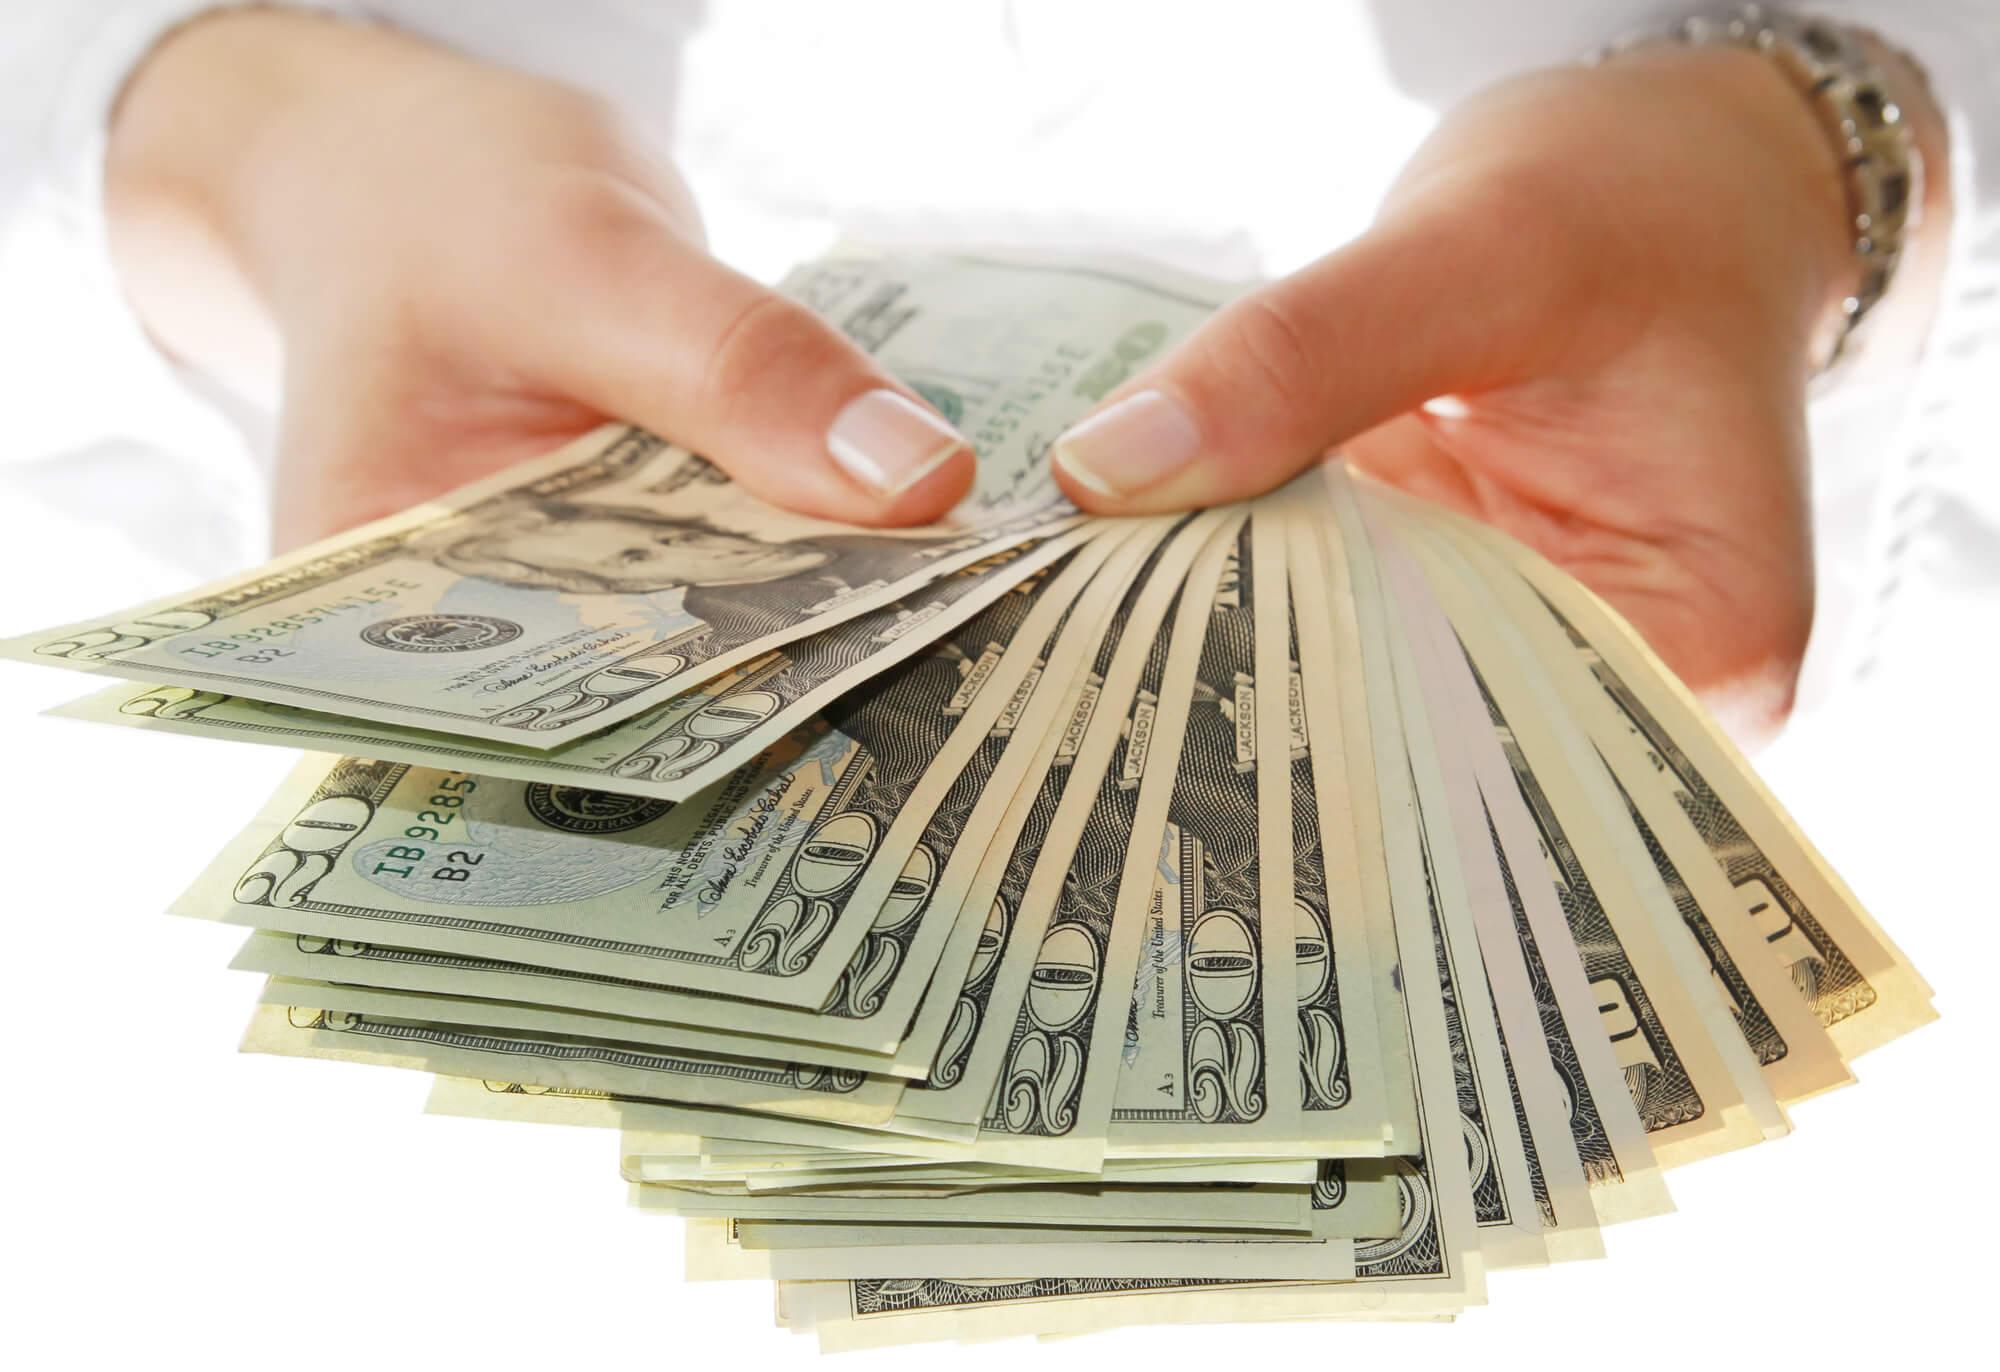 Acil Nakit Paraya İhtiyacım Var Diyorsan Bu Konu Tam Sana Göre